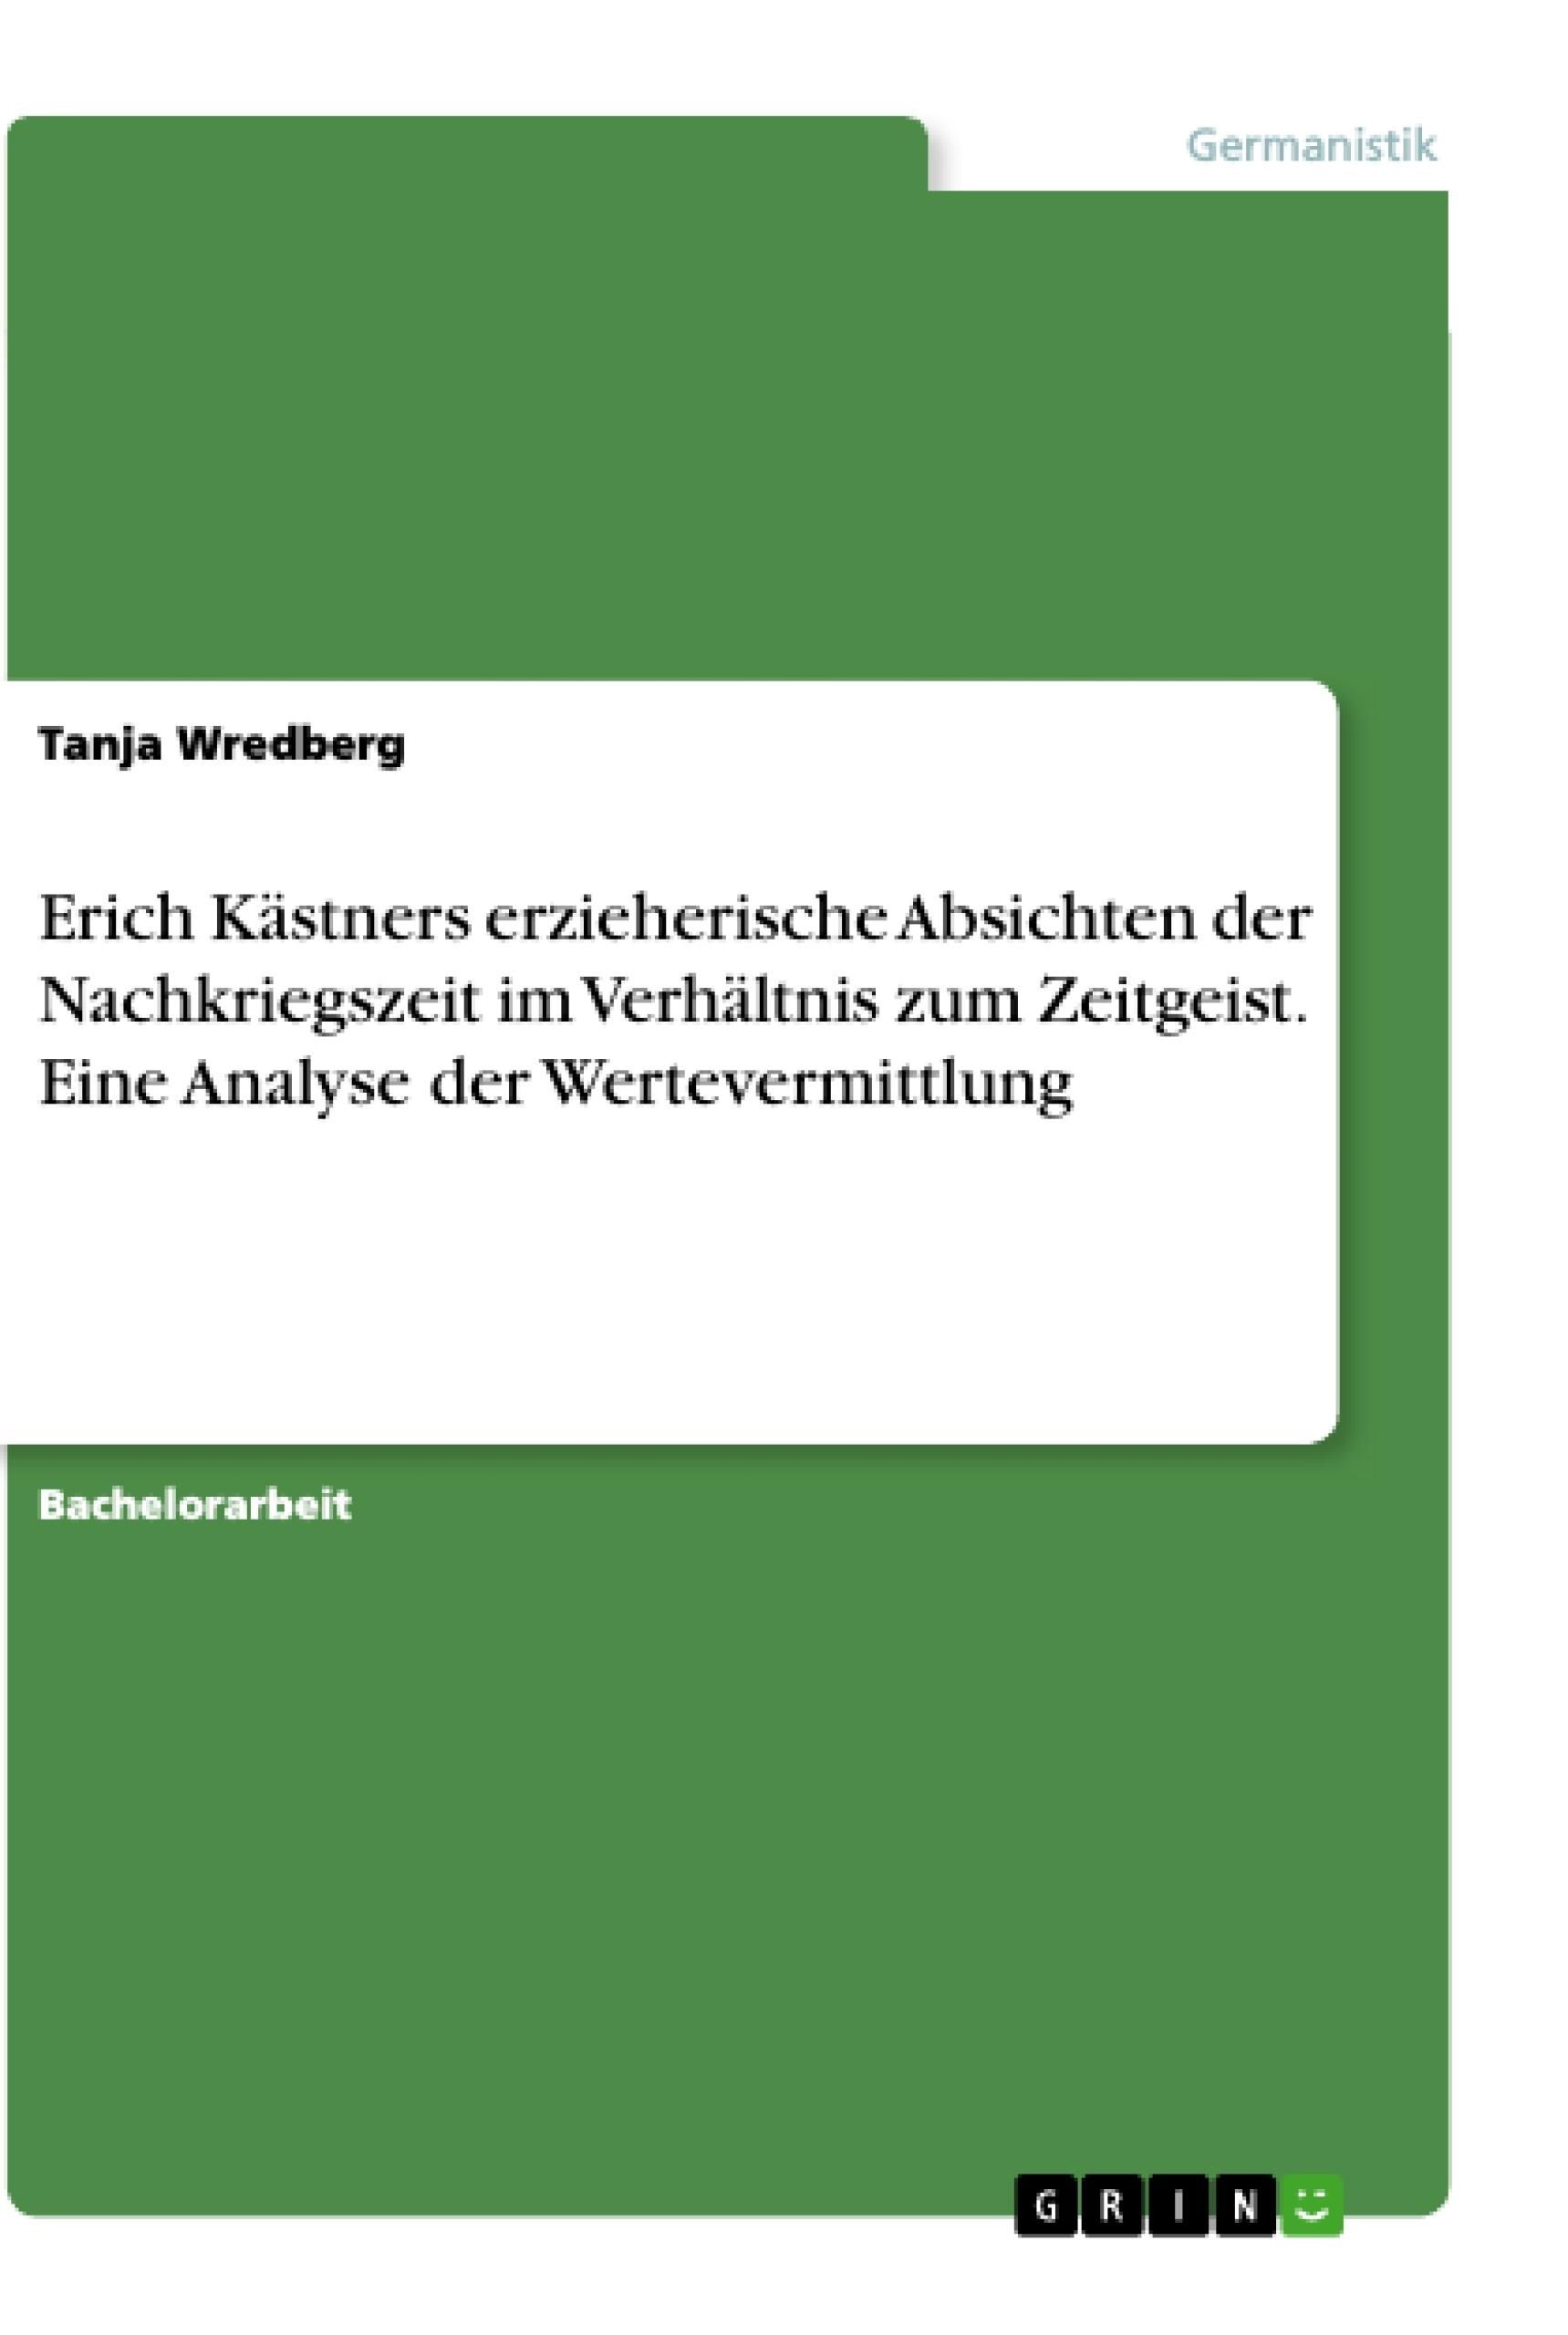 Titel: Erich Kästners erzieherische Absichten der Nachkriegszeit im Verhältnis zum Zeitgeist. Eine Analyse der Wertevermittlung